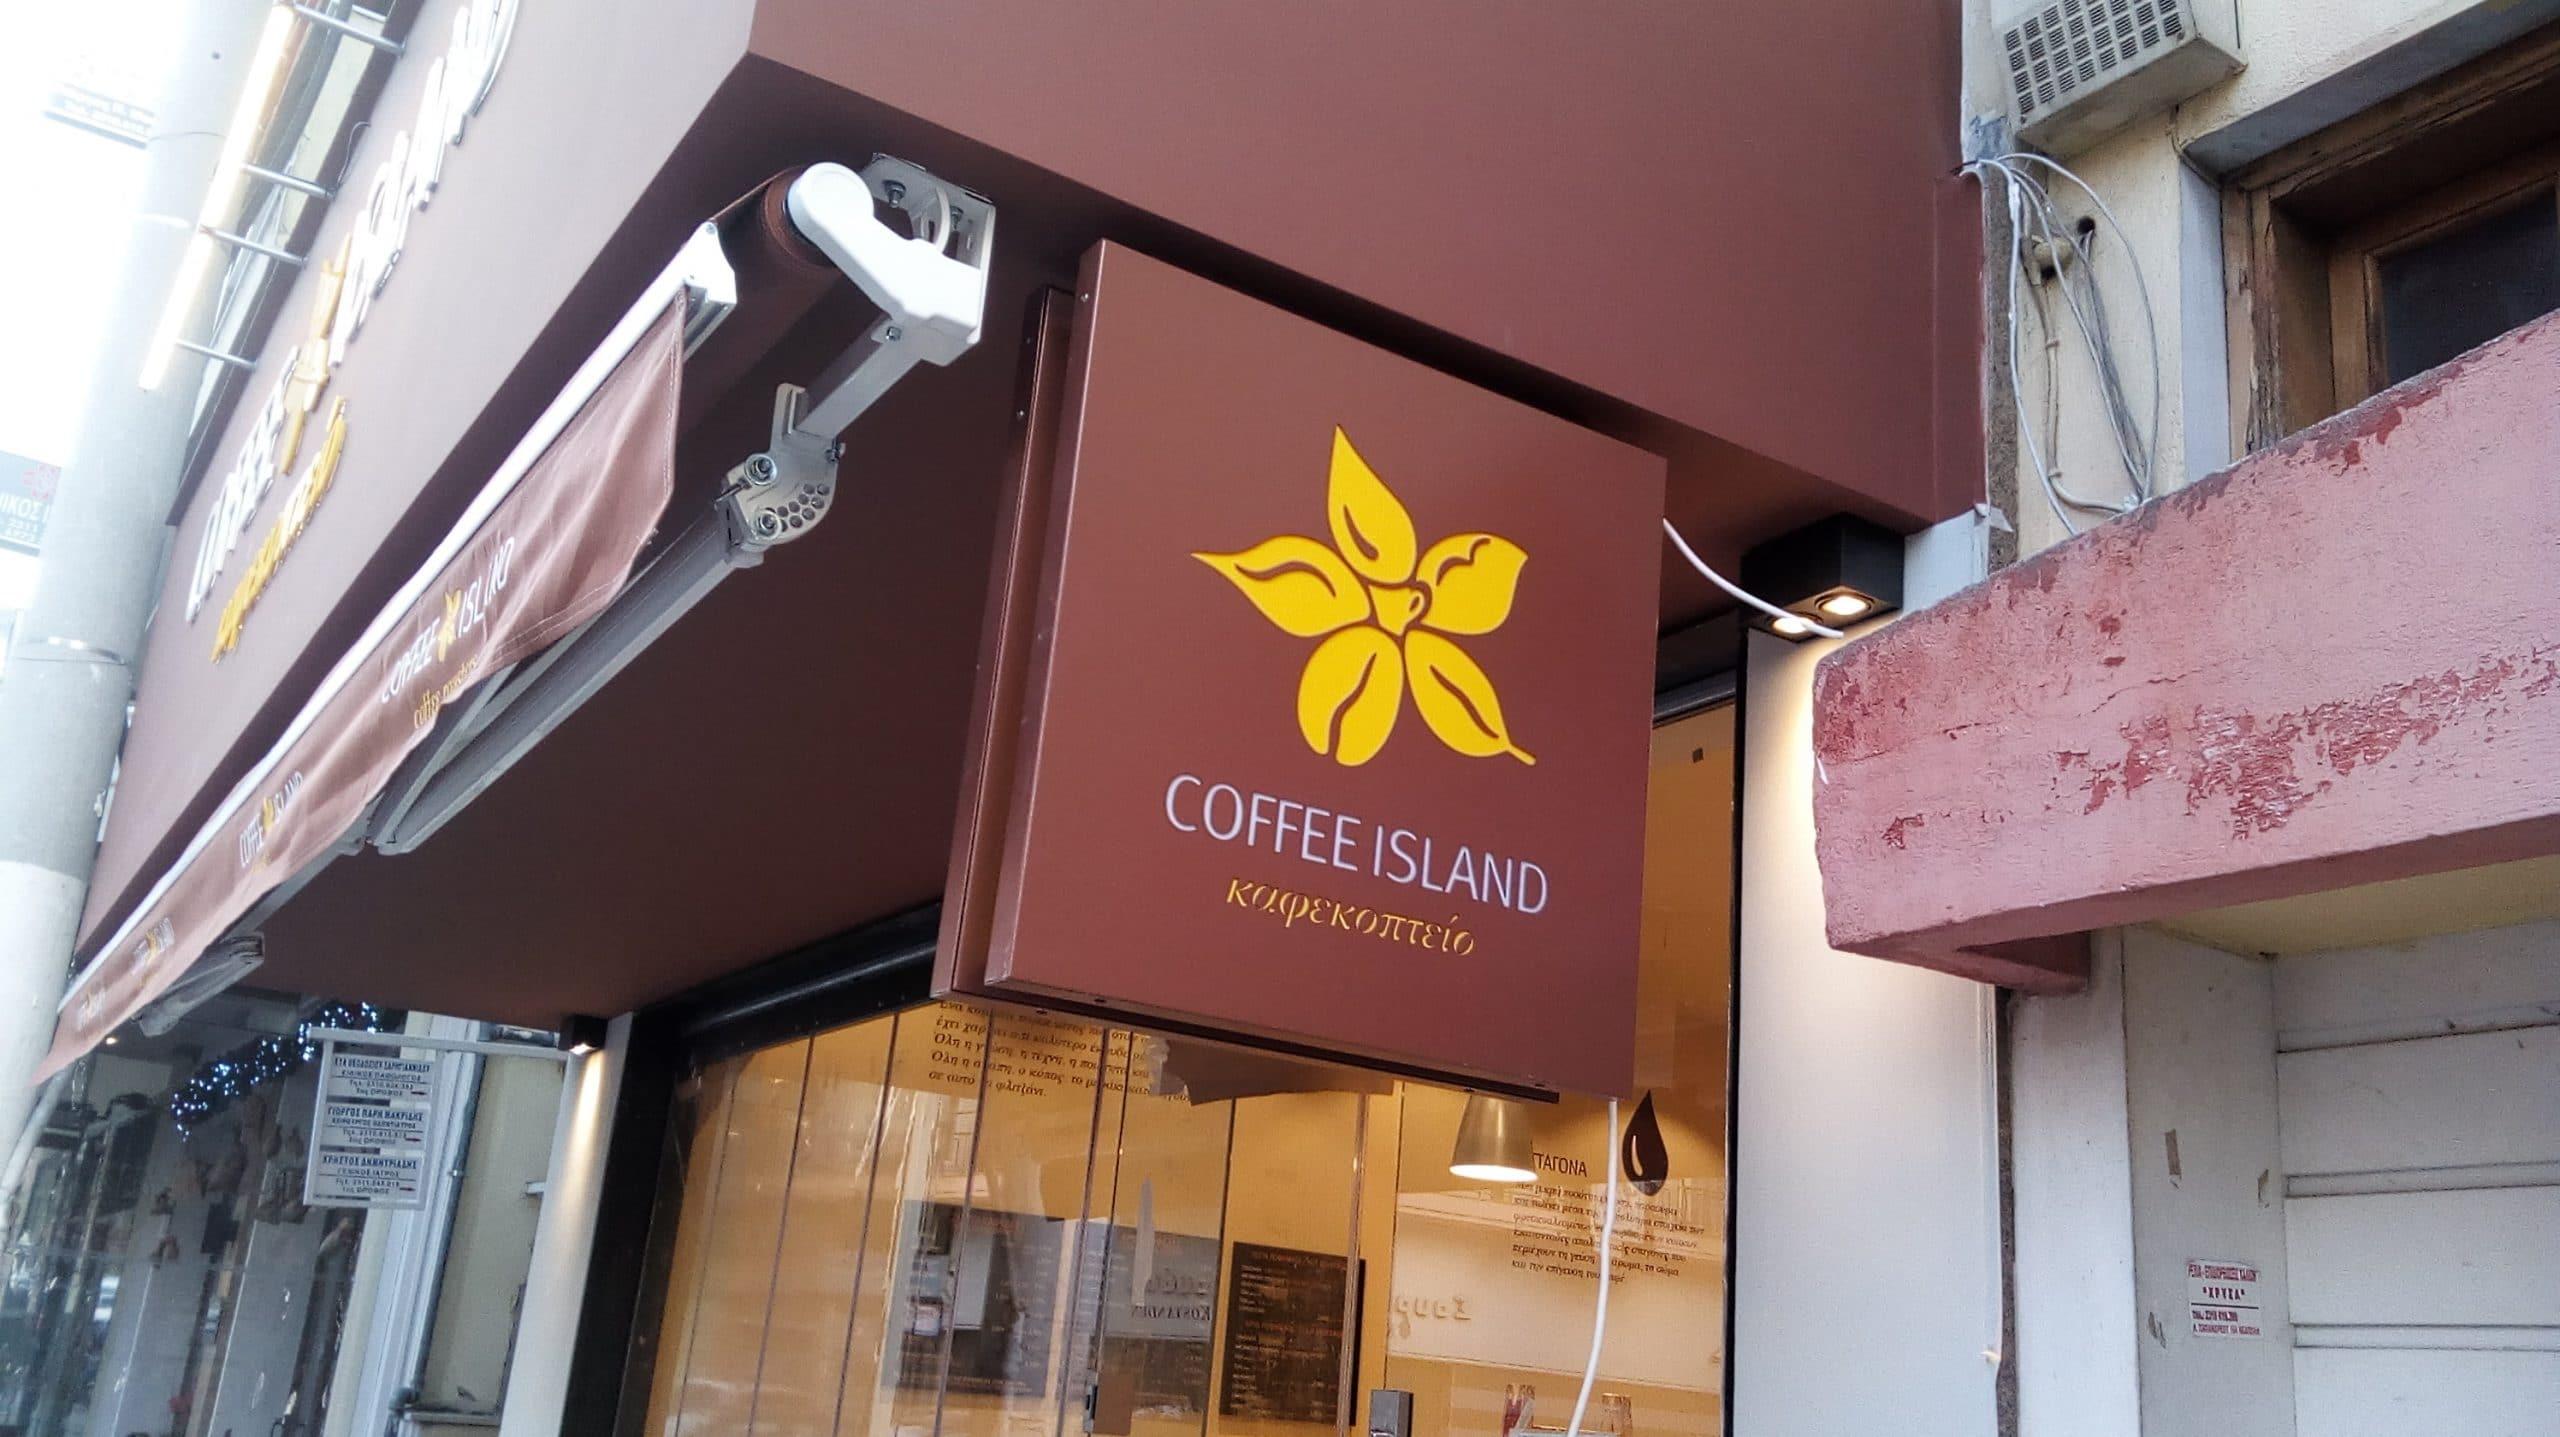 EPIGRAFI COFFEE ISLAND